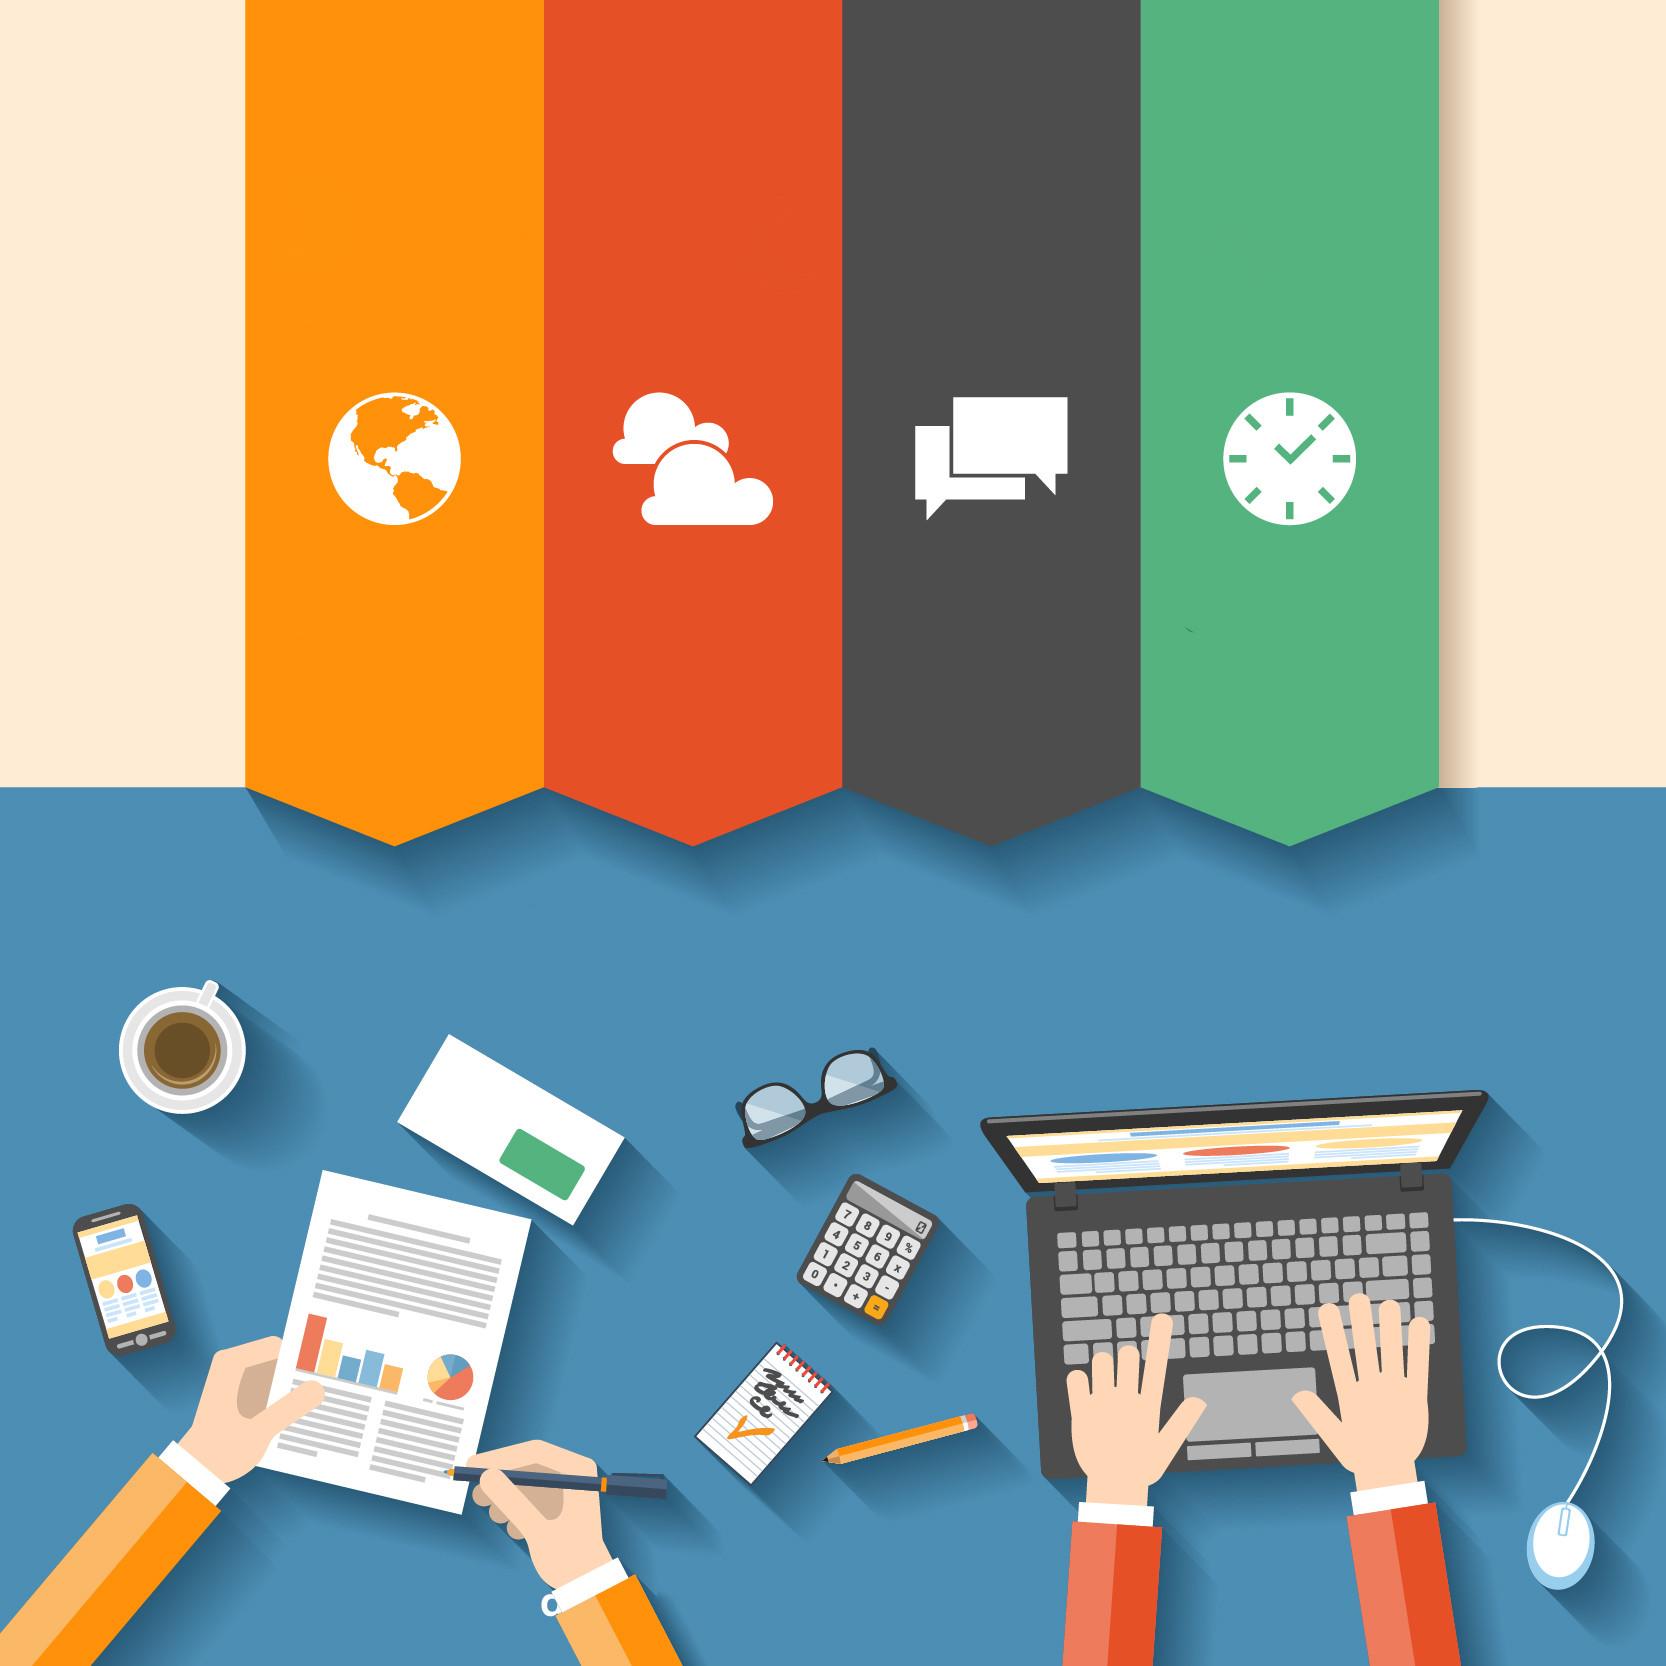 infográficos - como montar um infográfico, curriculo, apresentações, cartões de visitas e mais